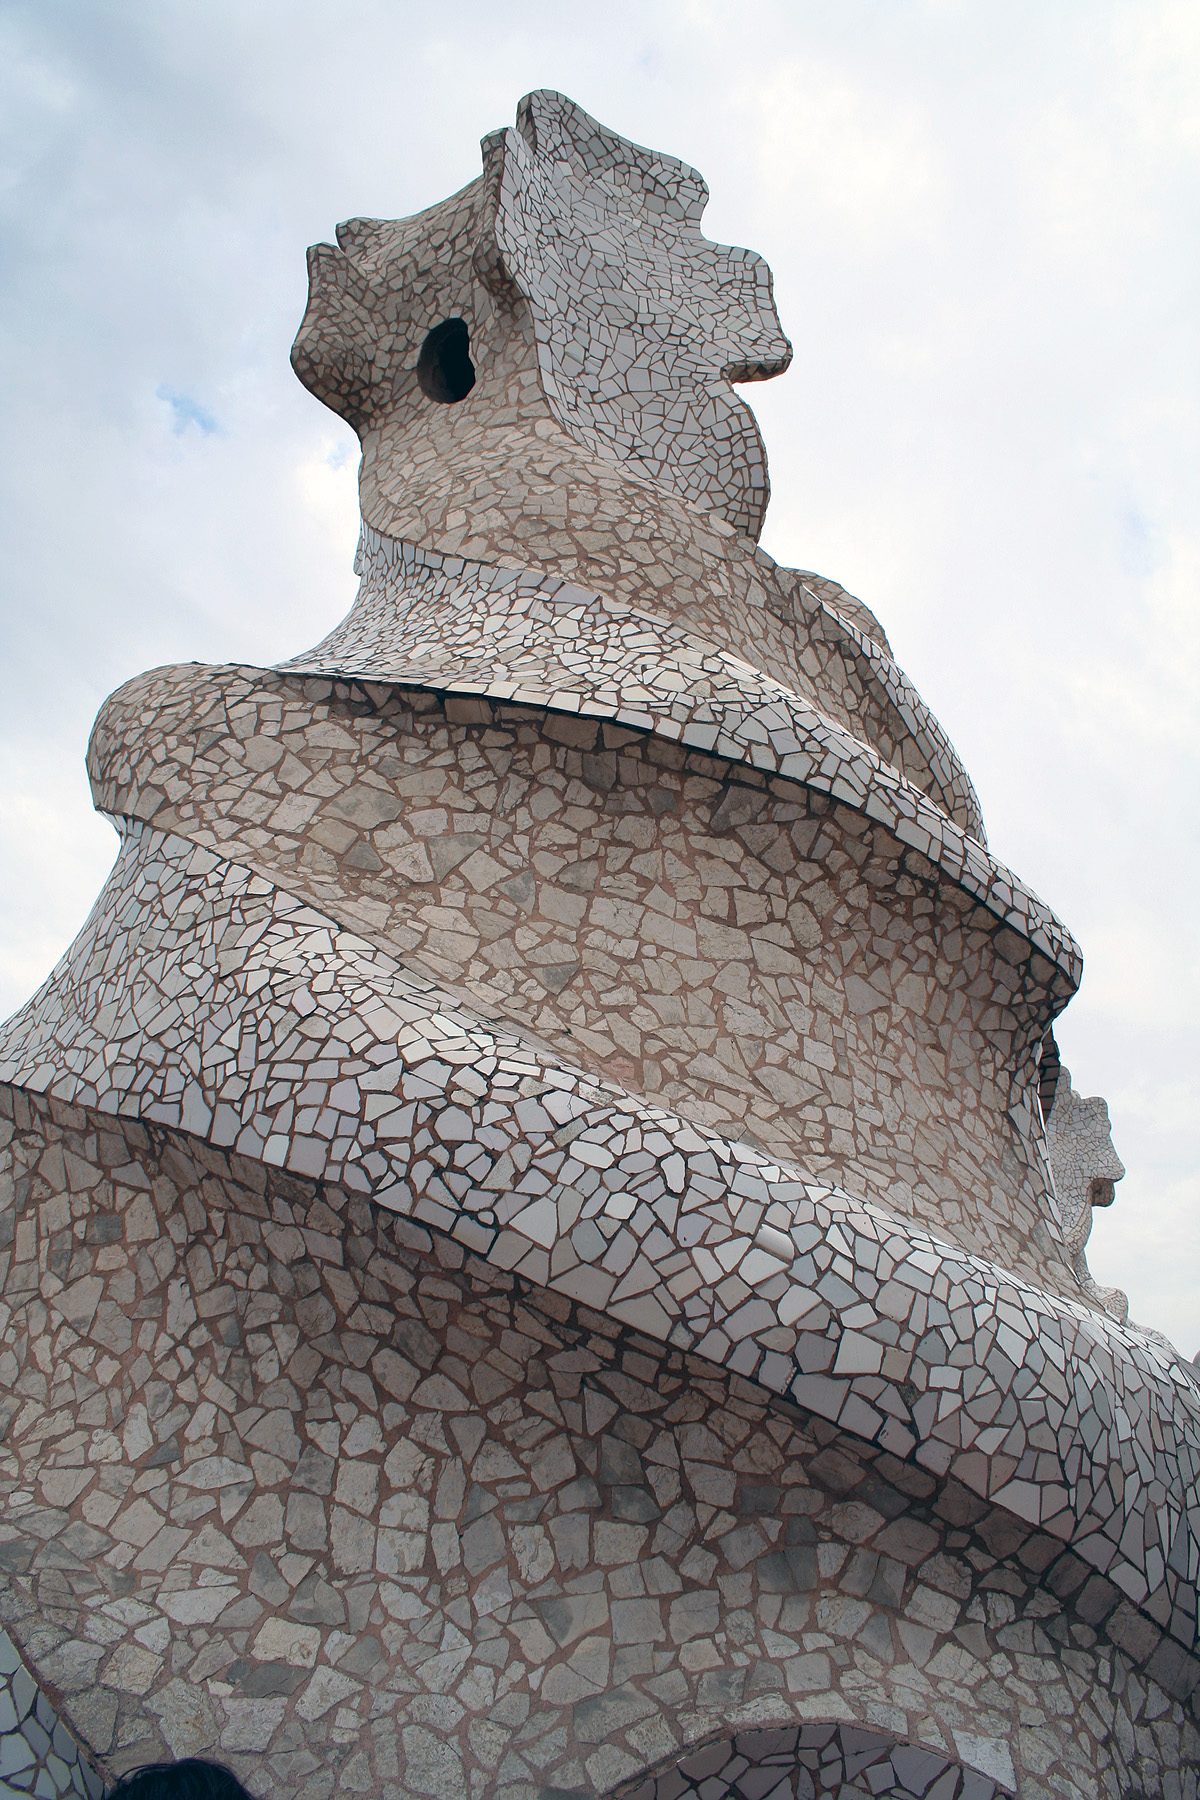 Sculpture, Head, Mosaic, Twisted, Weird, HQ Photo